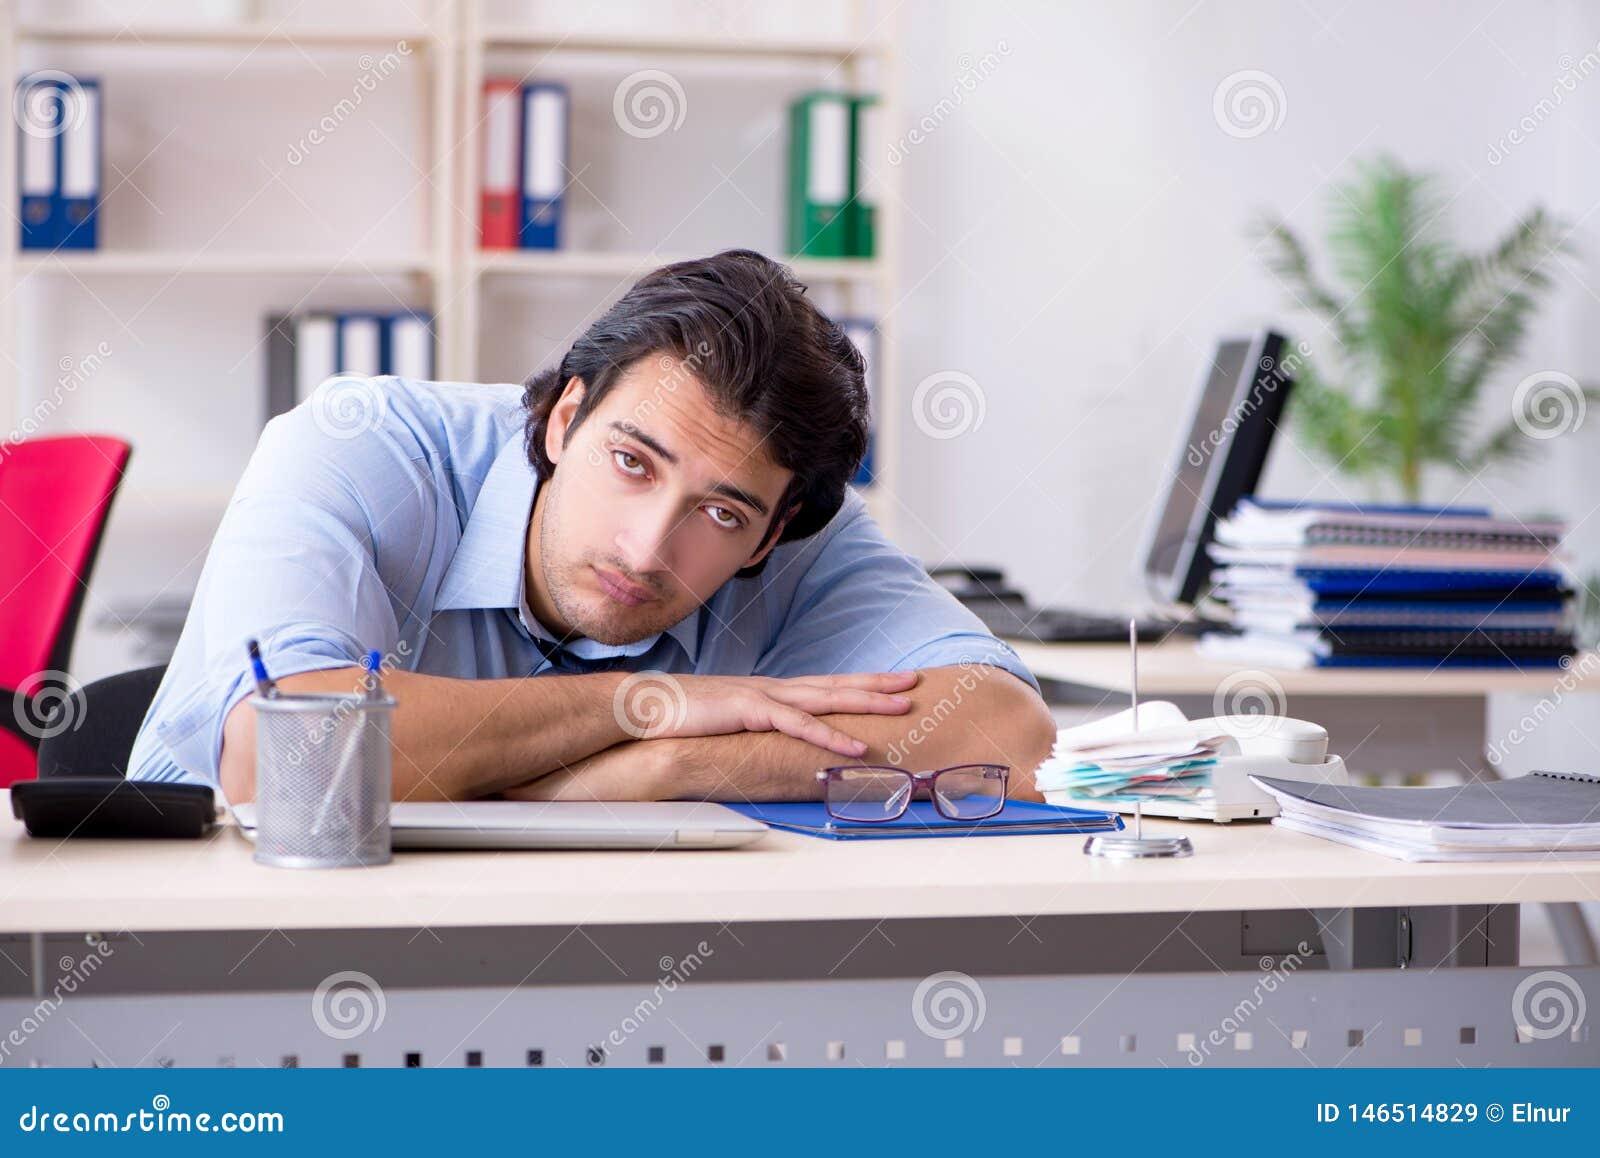 Ο νέος υπάλληλος επιχειρηματιών αρσενικών δυστυχισμένος με την υπερβολική εργασία